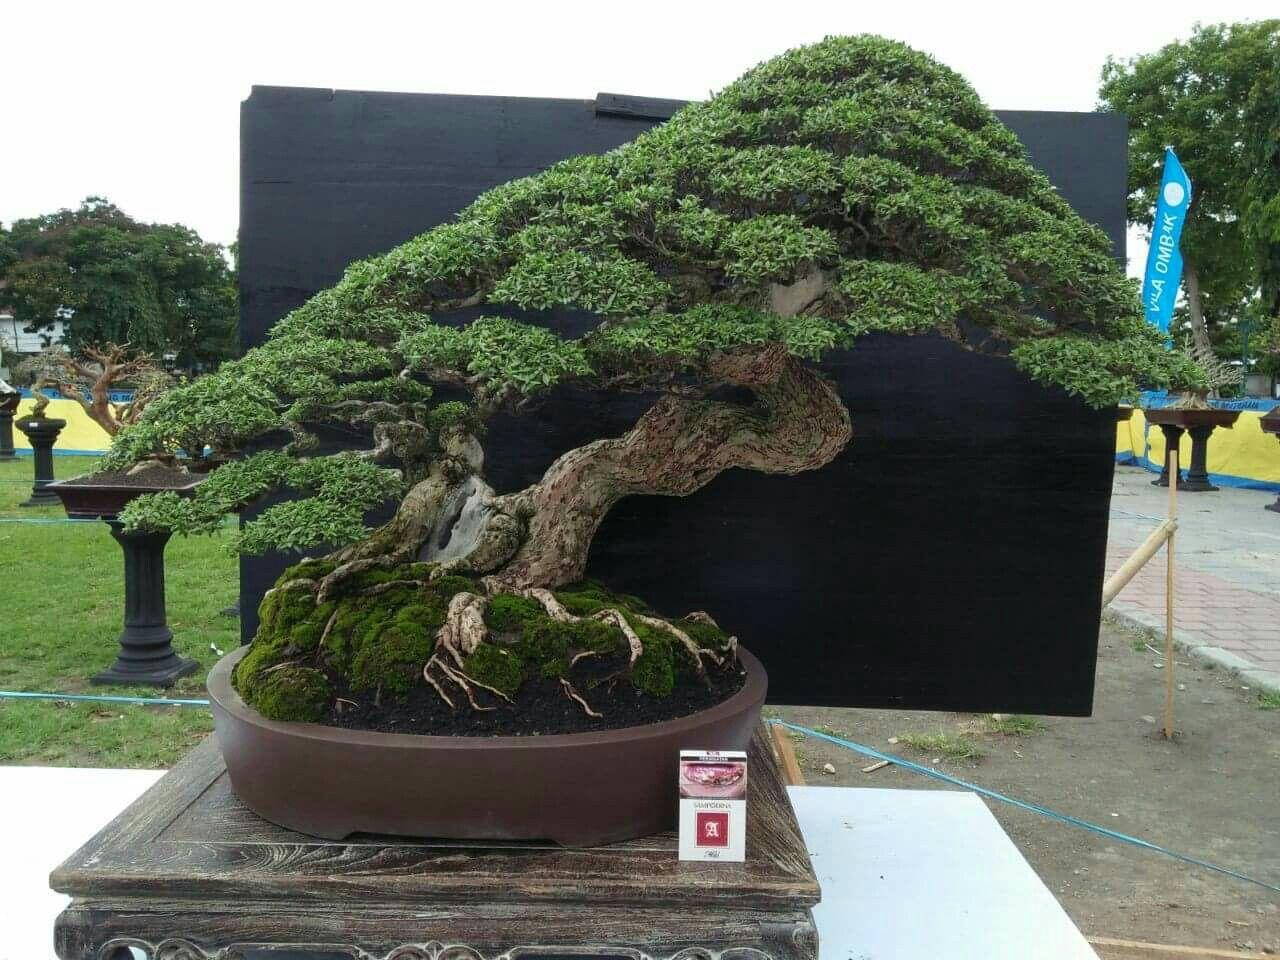 Huge Bonsai Love These Plants Bonsai Tree Bonsai Bonsai Pruning